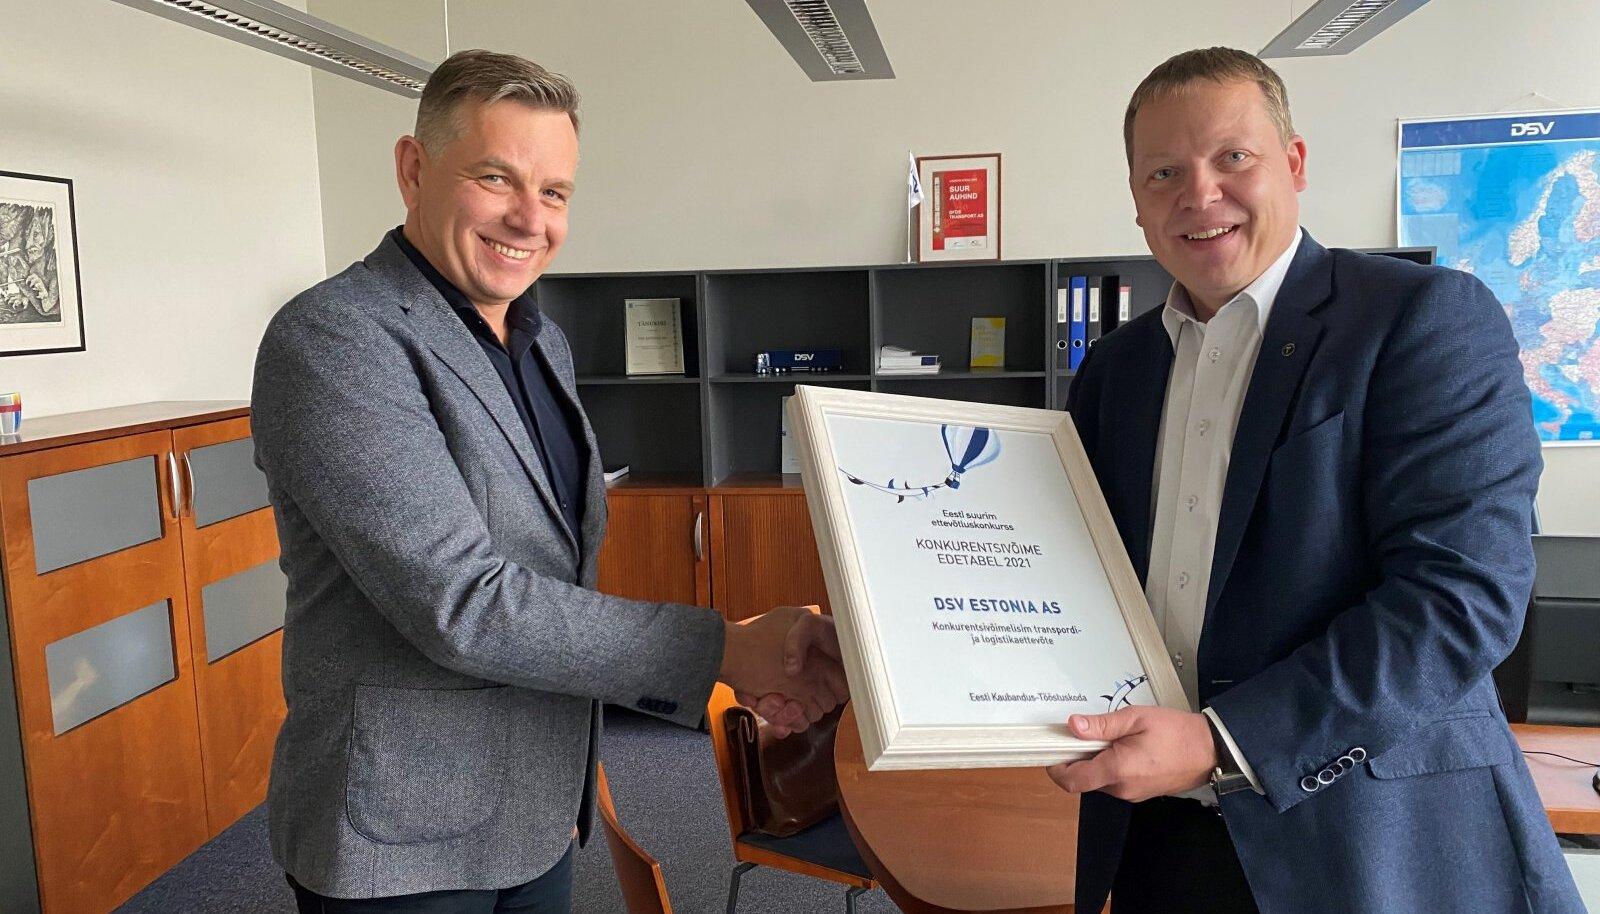 DSV Estonia – konkurentsivõimelisim transpordi- ja logistikaettevõte 2021. Pildil: Alvar Tõruke ja Mait Palts